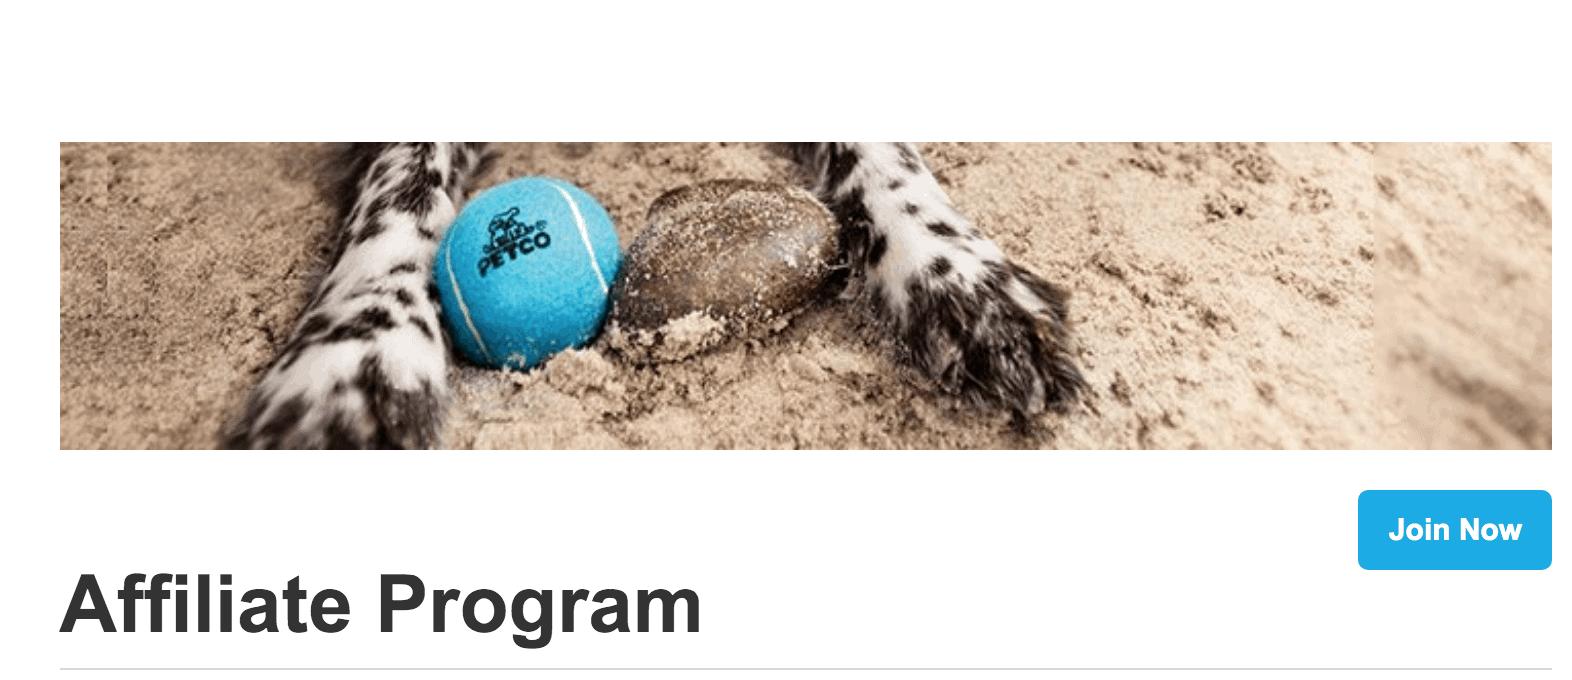 petco affiliate program